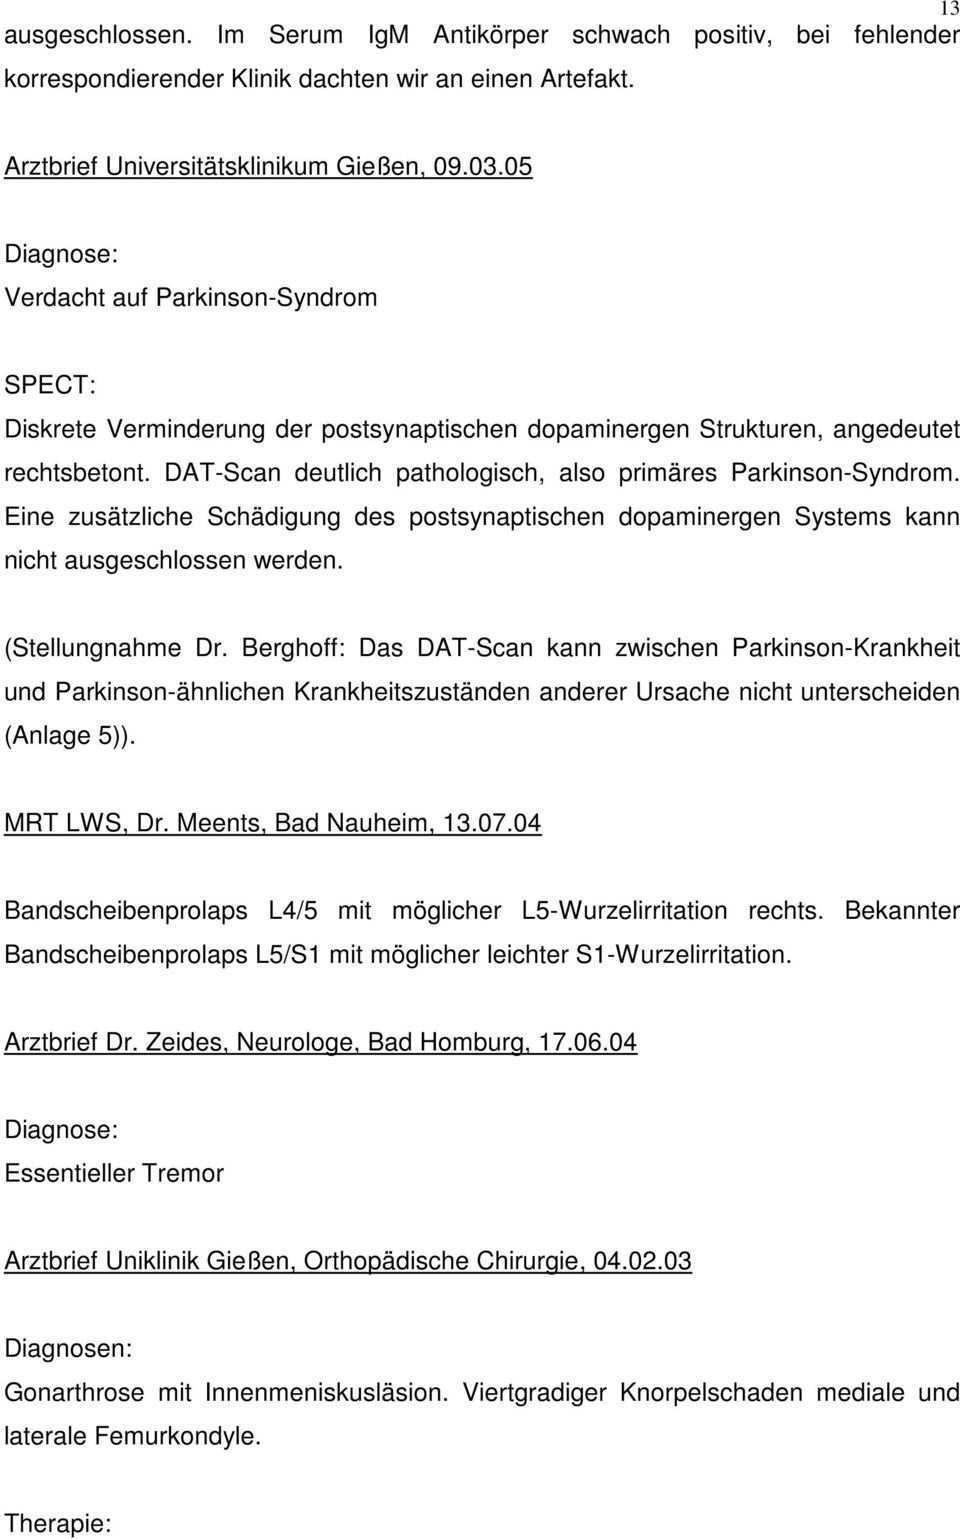 Priv Doz Dr Med W Berghoff Telemannstrasse 1 Facharzt Fur Innere Medizin Rheinbach Den Telefon Telefax Pdf Free Download